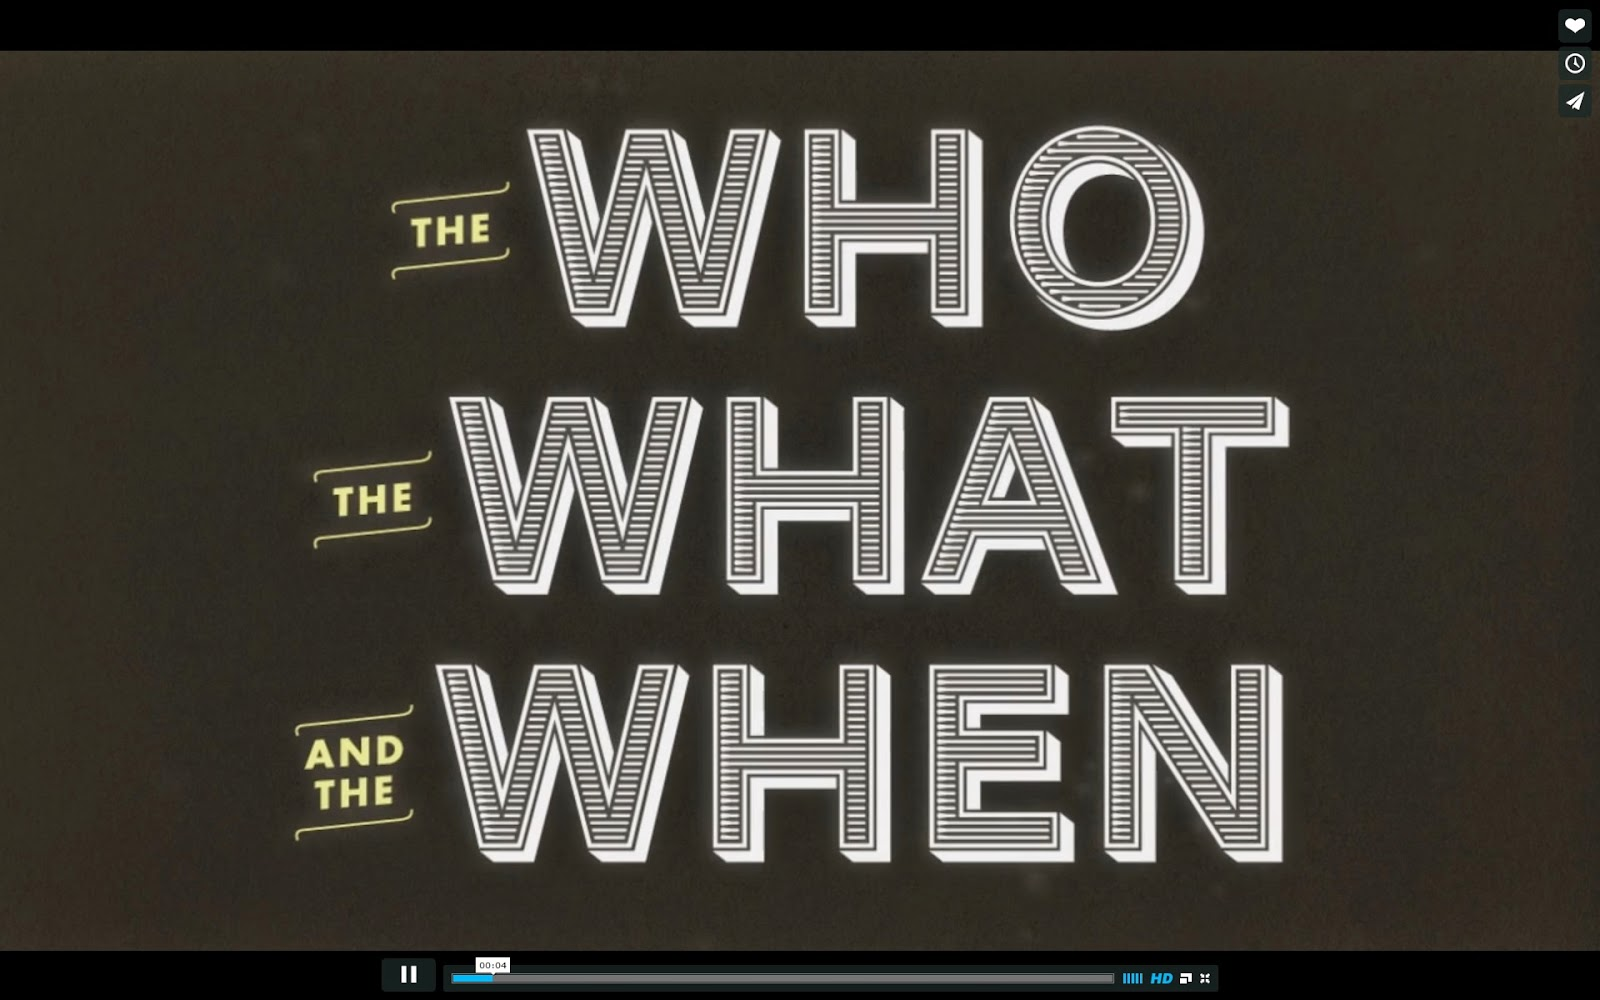 http://vimeo.com/109696497